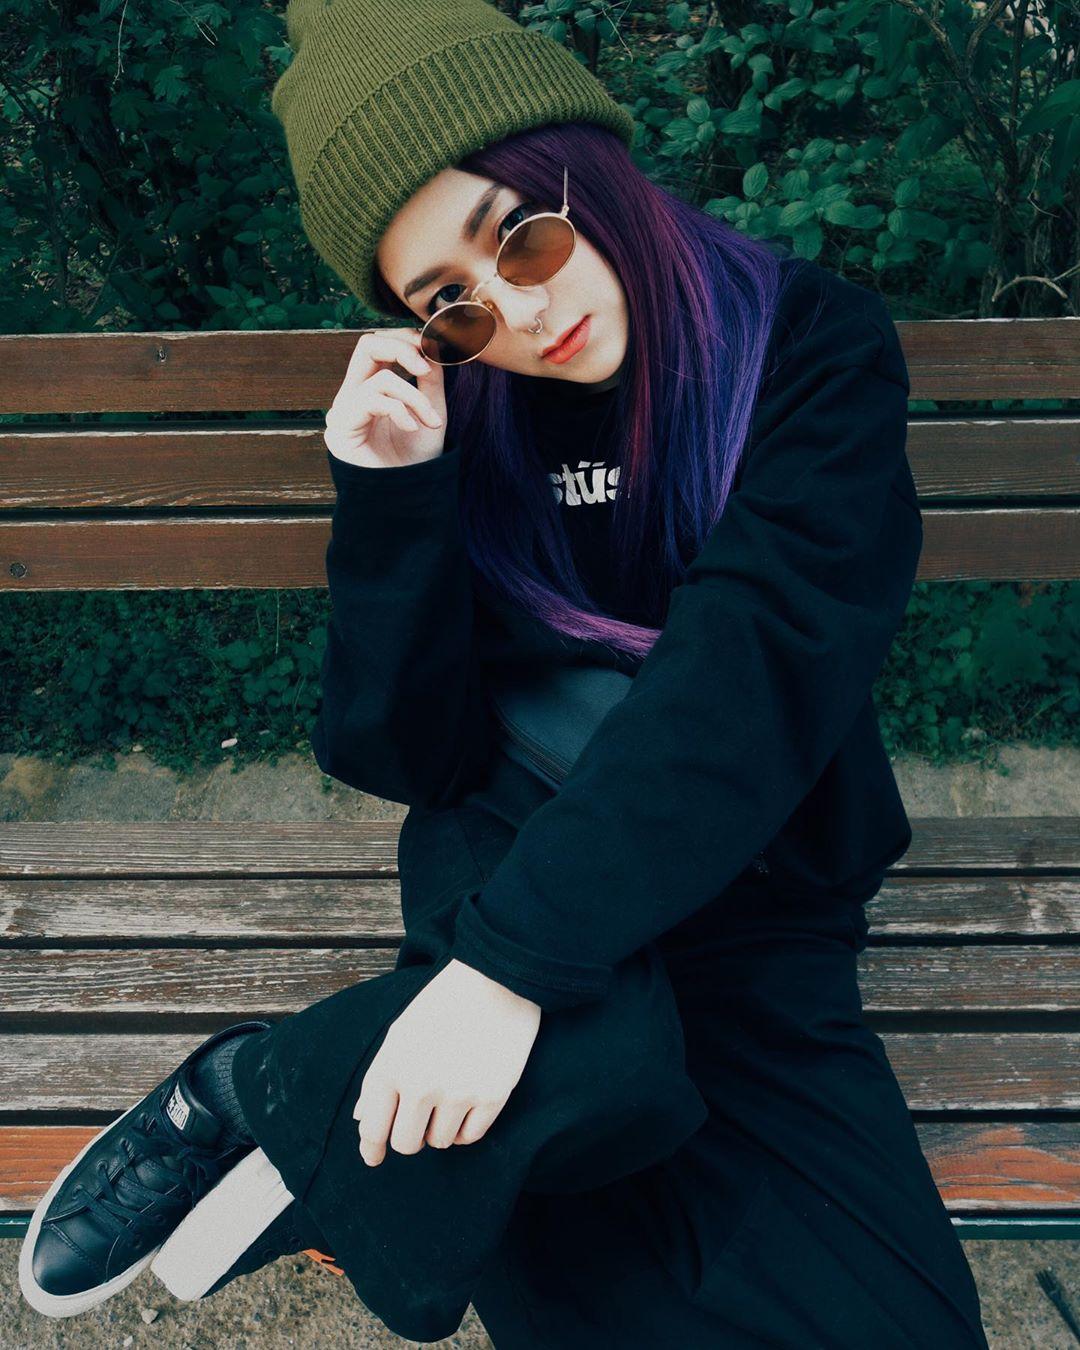 nữ dj xinh đẹp - ray ray diện đồ đen